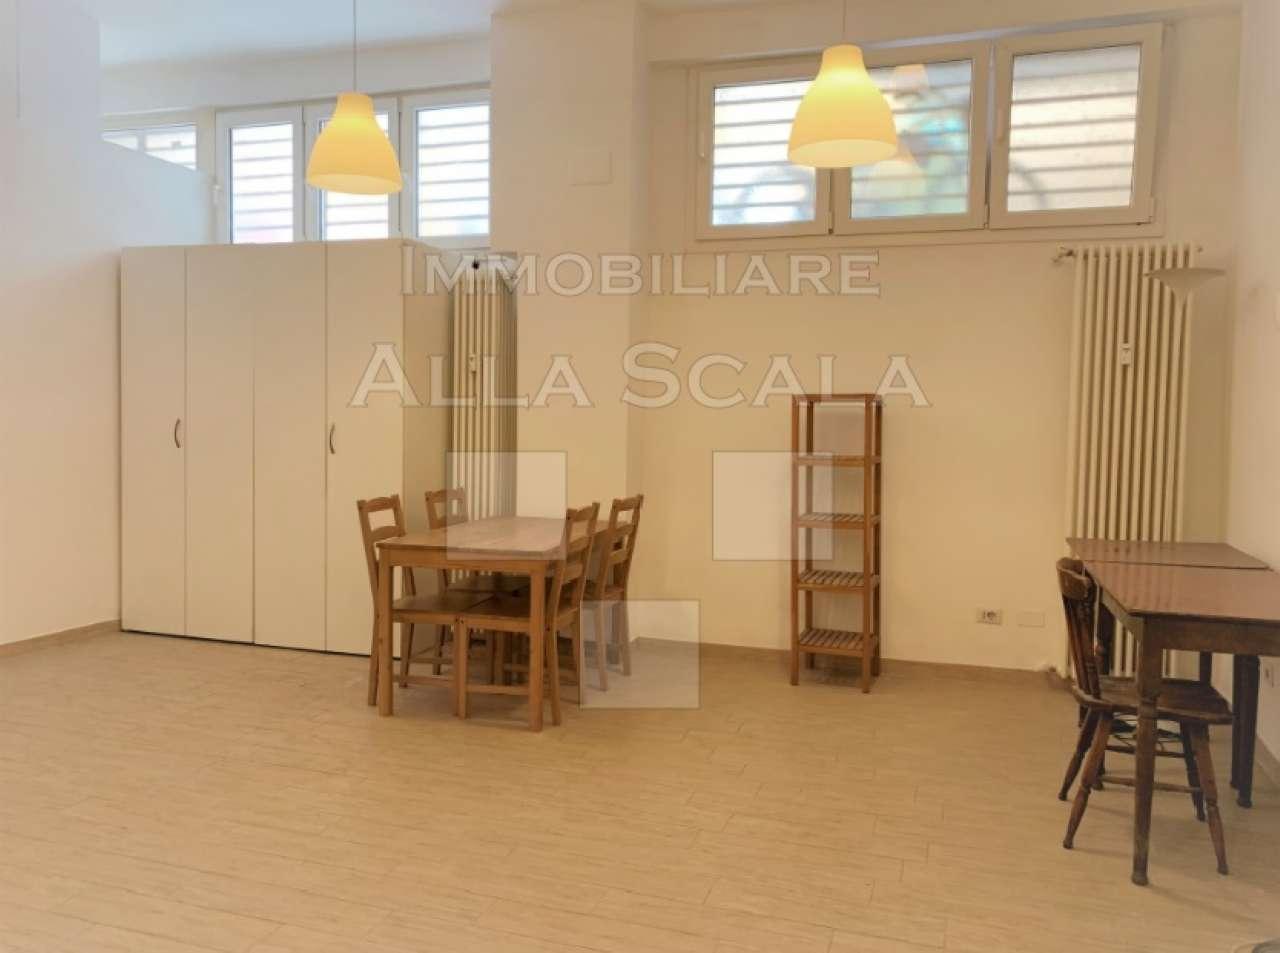 Laboratorio in Vendita a Milano 15 Castelbarco / Argelati / Navigli: 1 locali, 45 mq